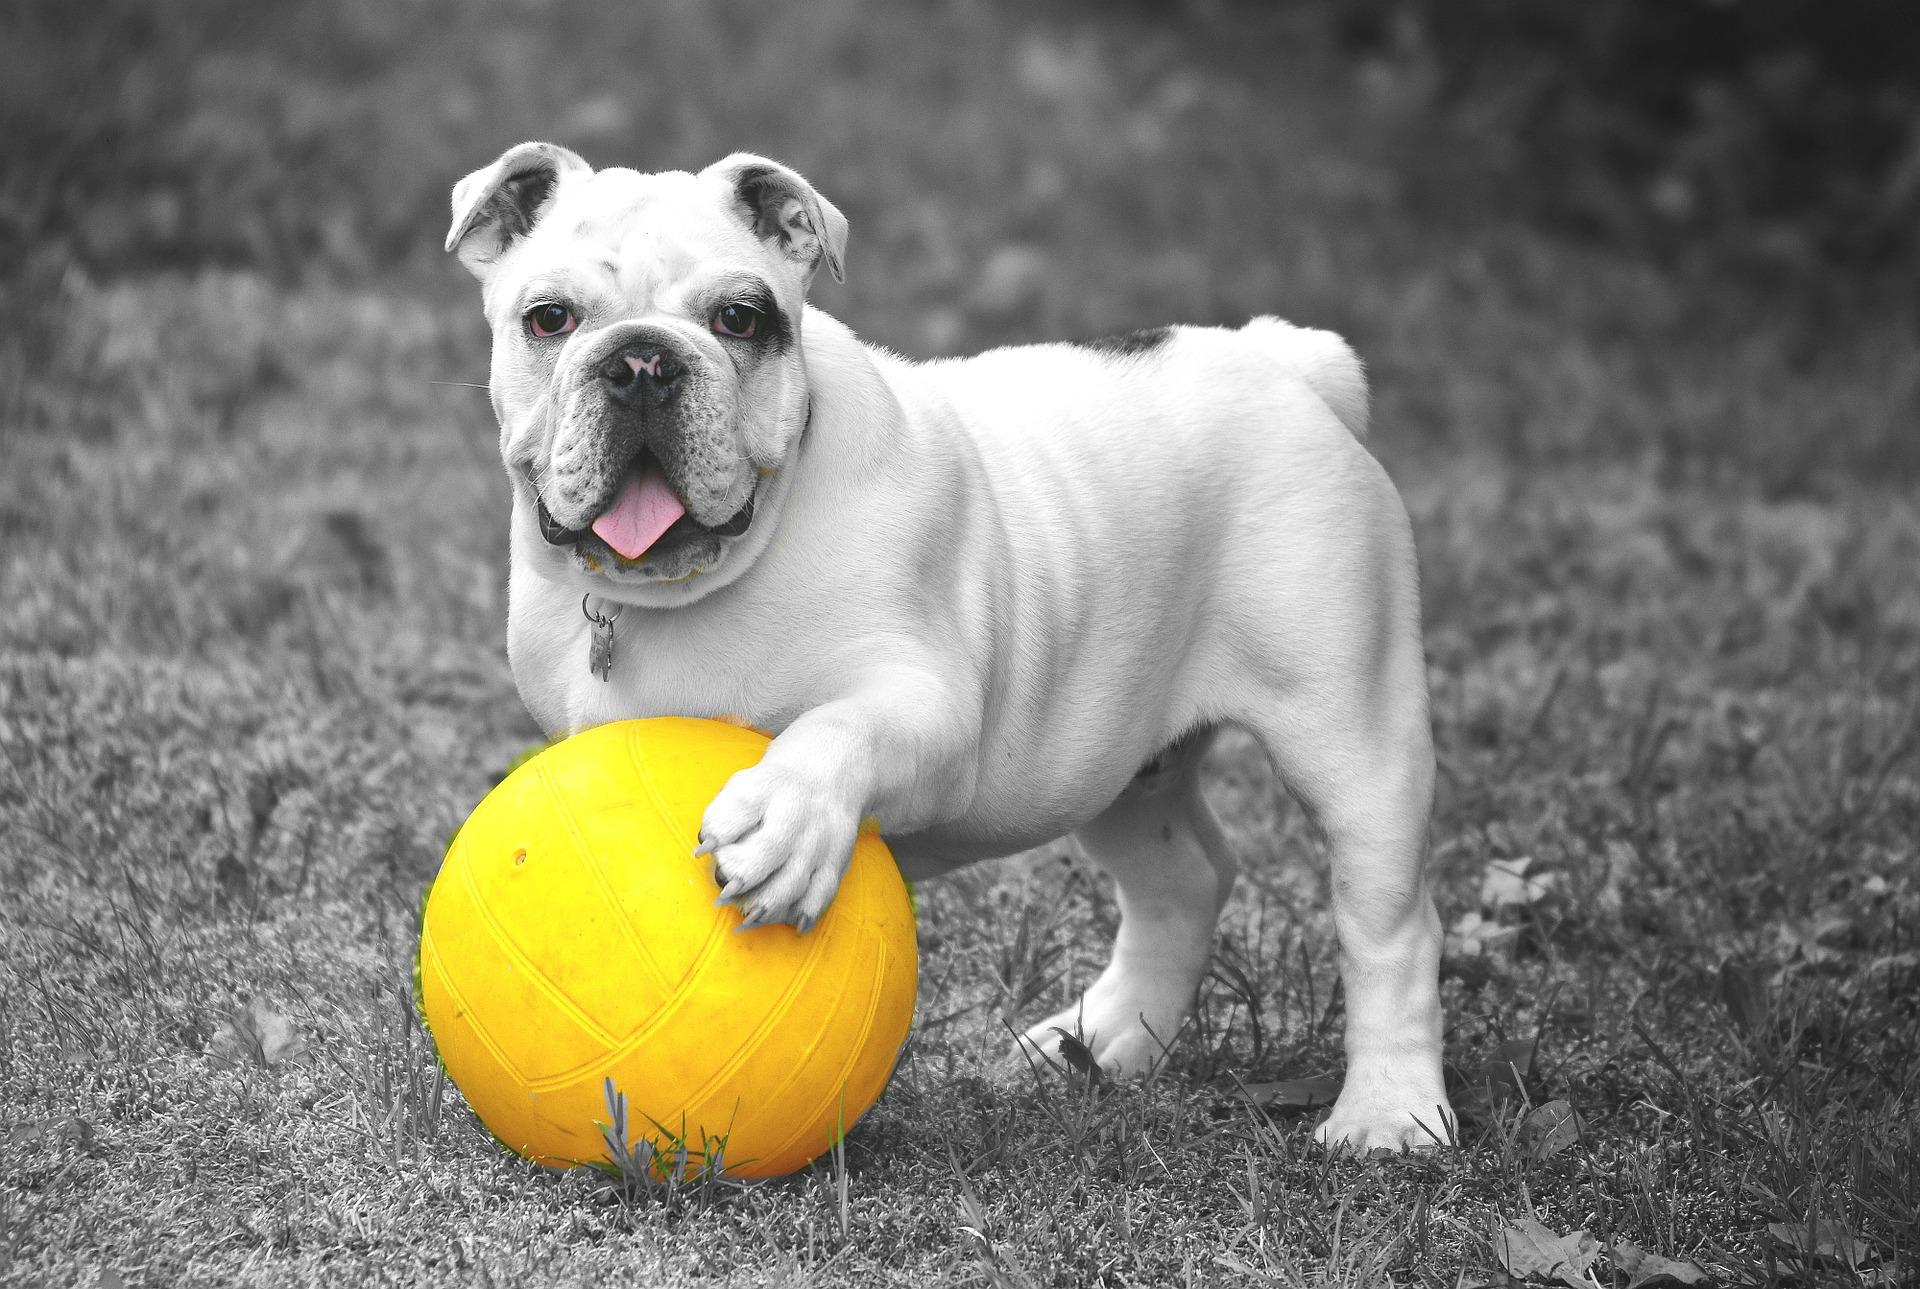 chien, Ball, Animal de compagnie, en noir et blanc, jeu - Fonds d'écran HD - Professor-falken.com